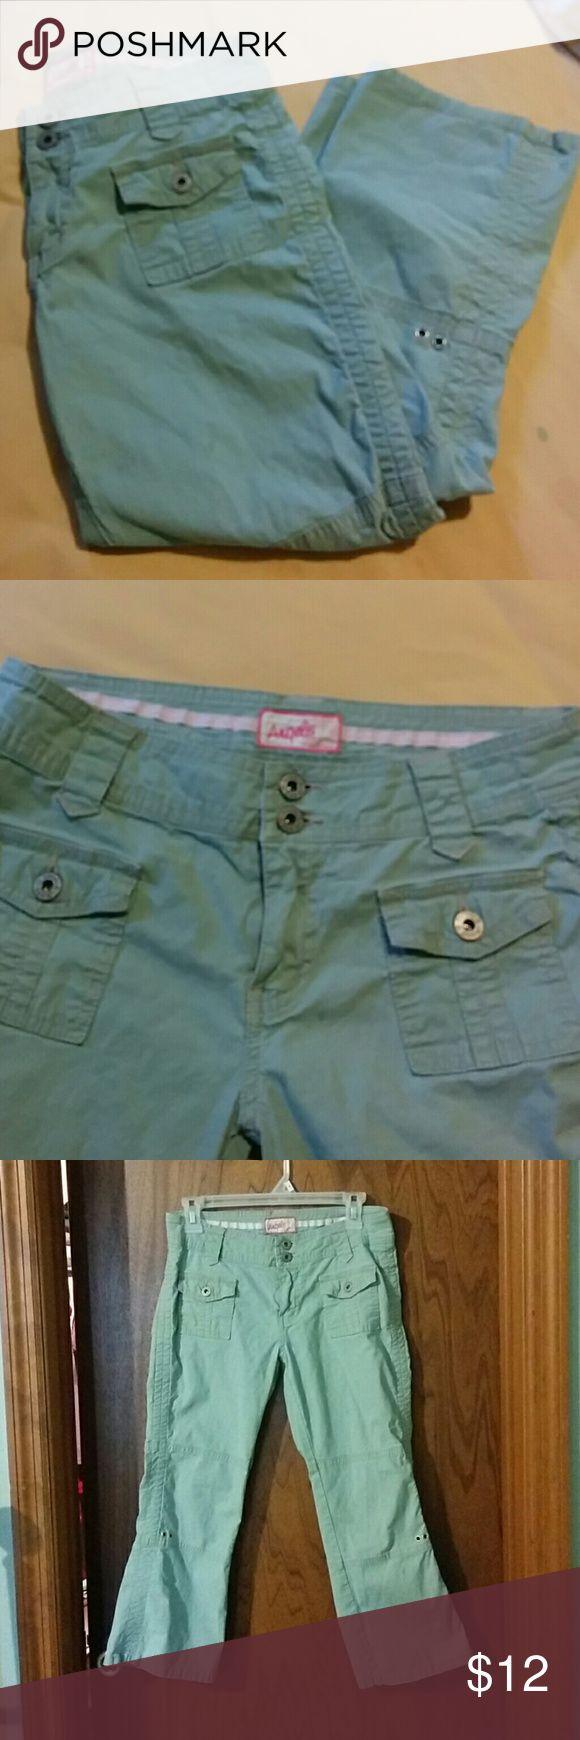 Mint colored capri pants size 7 juniors Angels brand mint green colored Capri pants, size 7 juniors, good used condition. Angels Pants Capris